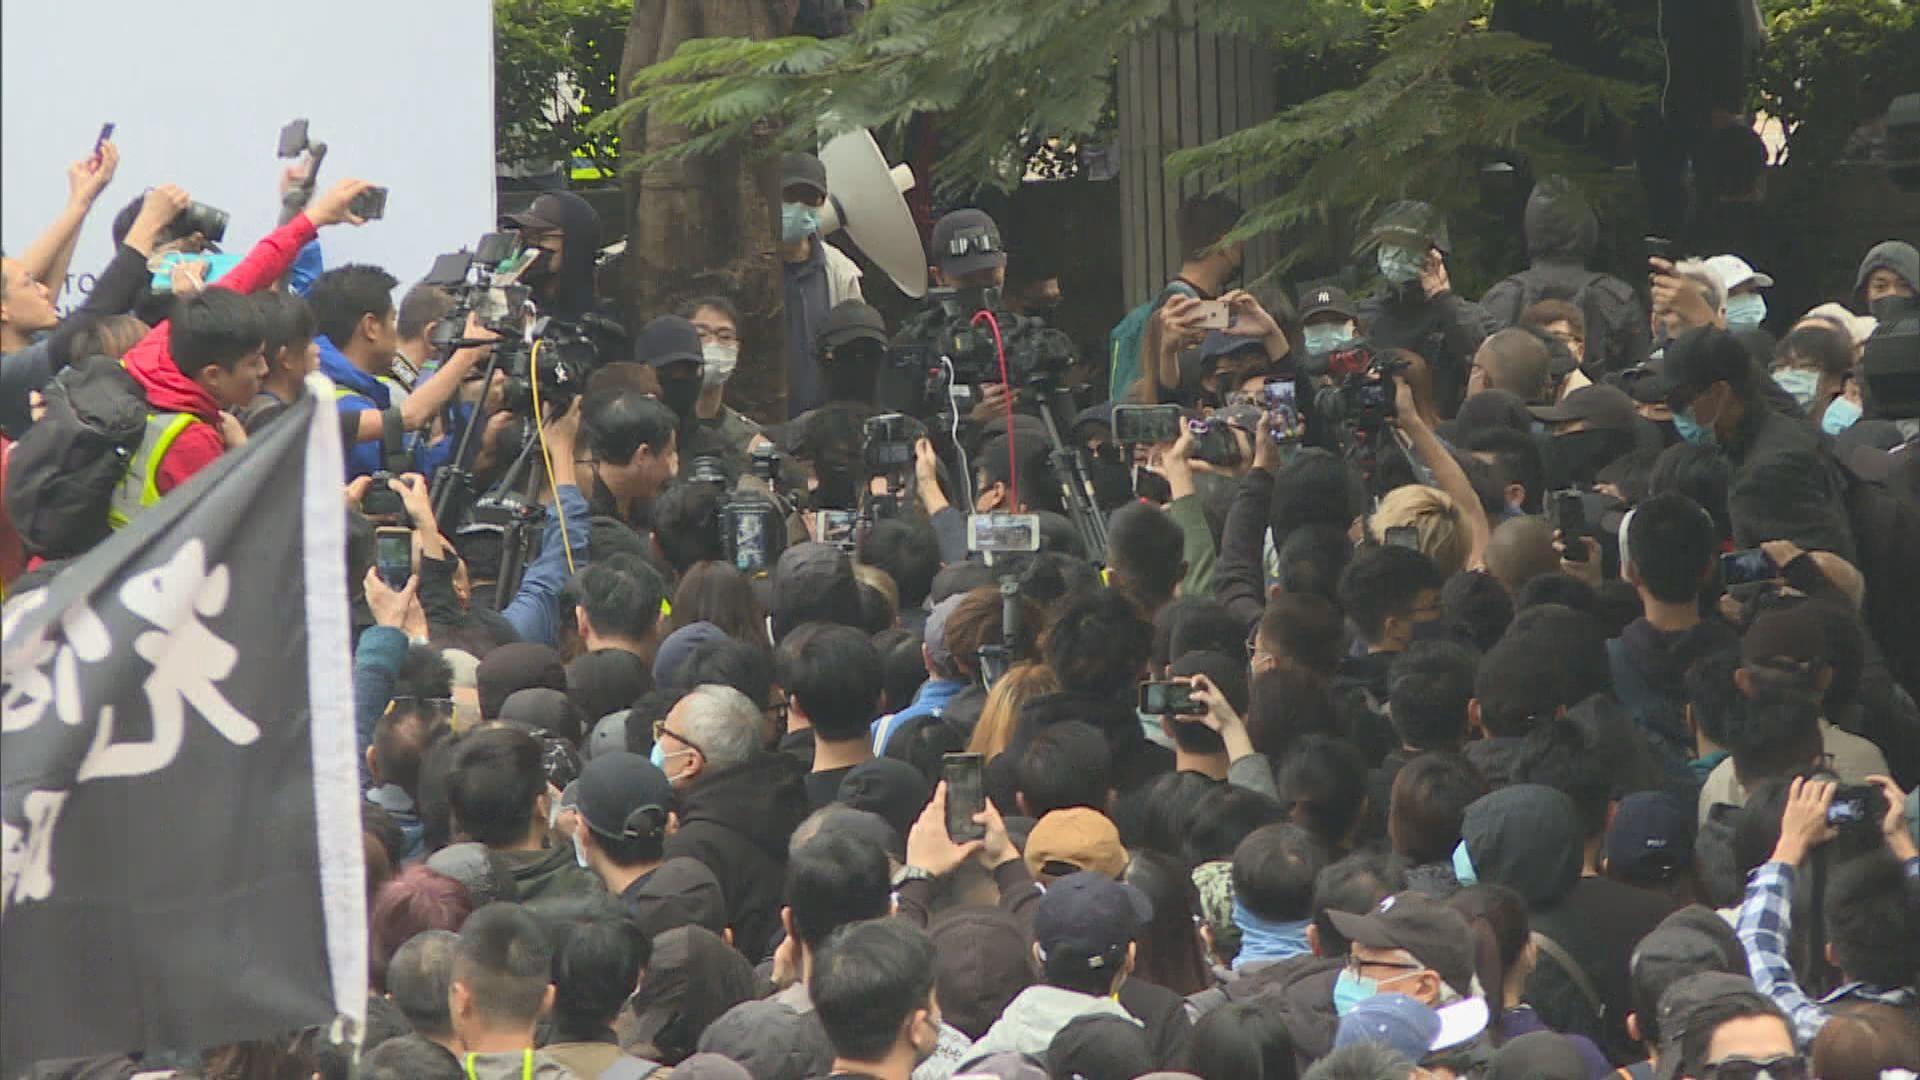 警方稱主辦單位未能控制秩序 下午四時許要求中止集會